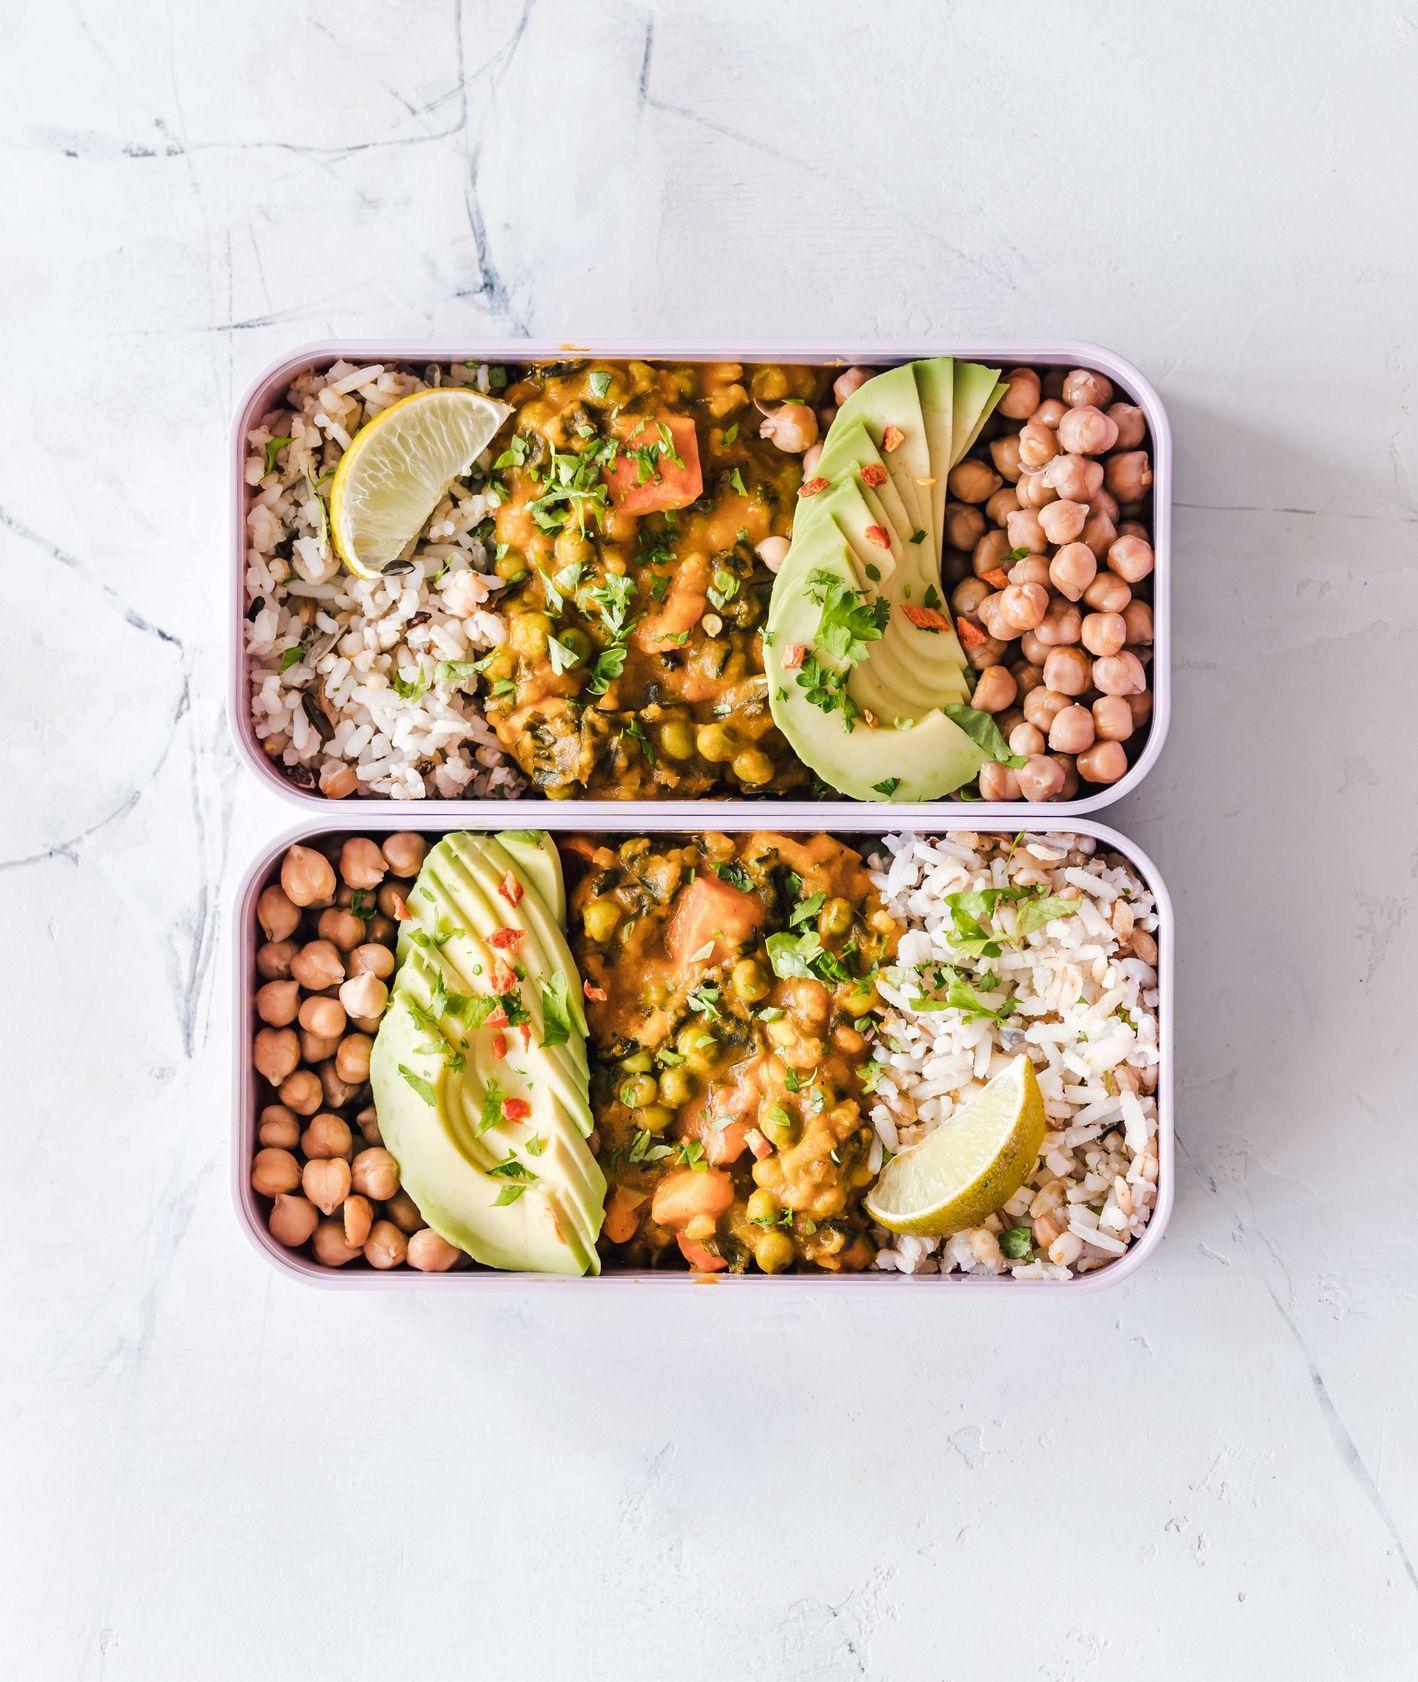 Lunch box z zestawem lunchowym (fot. Ella Olsson)